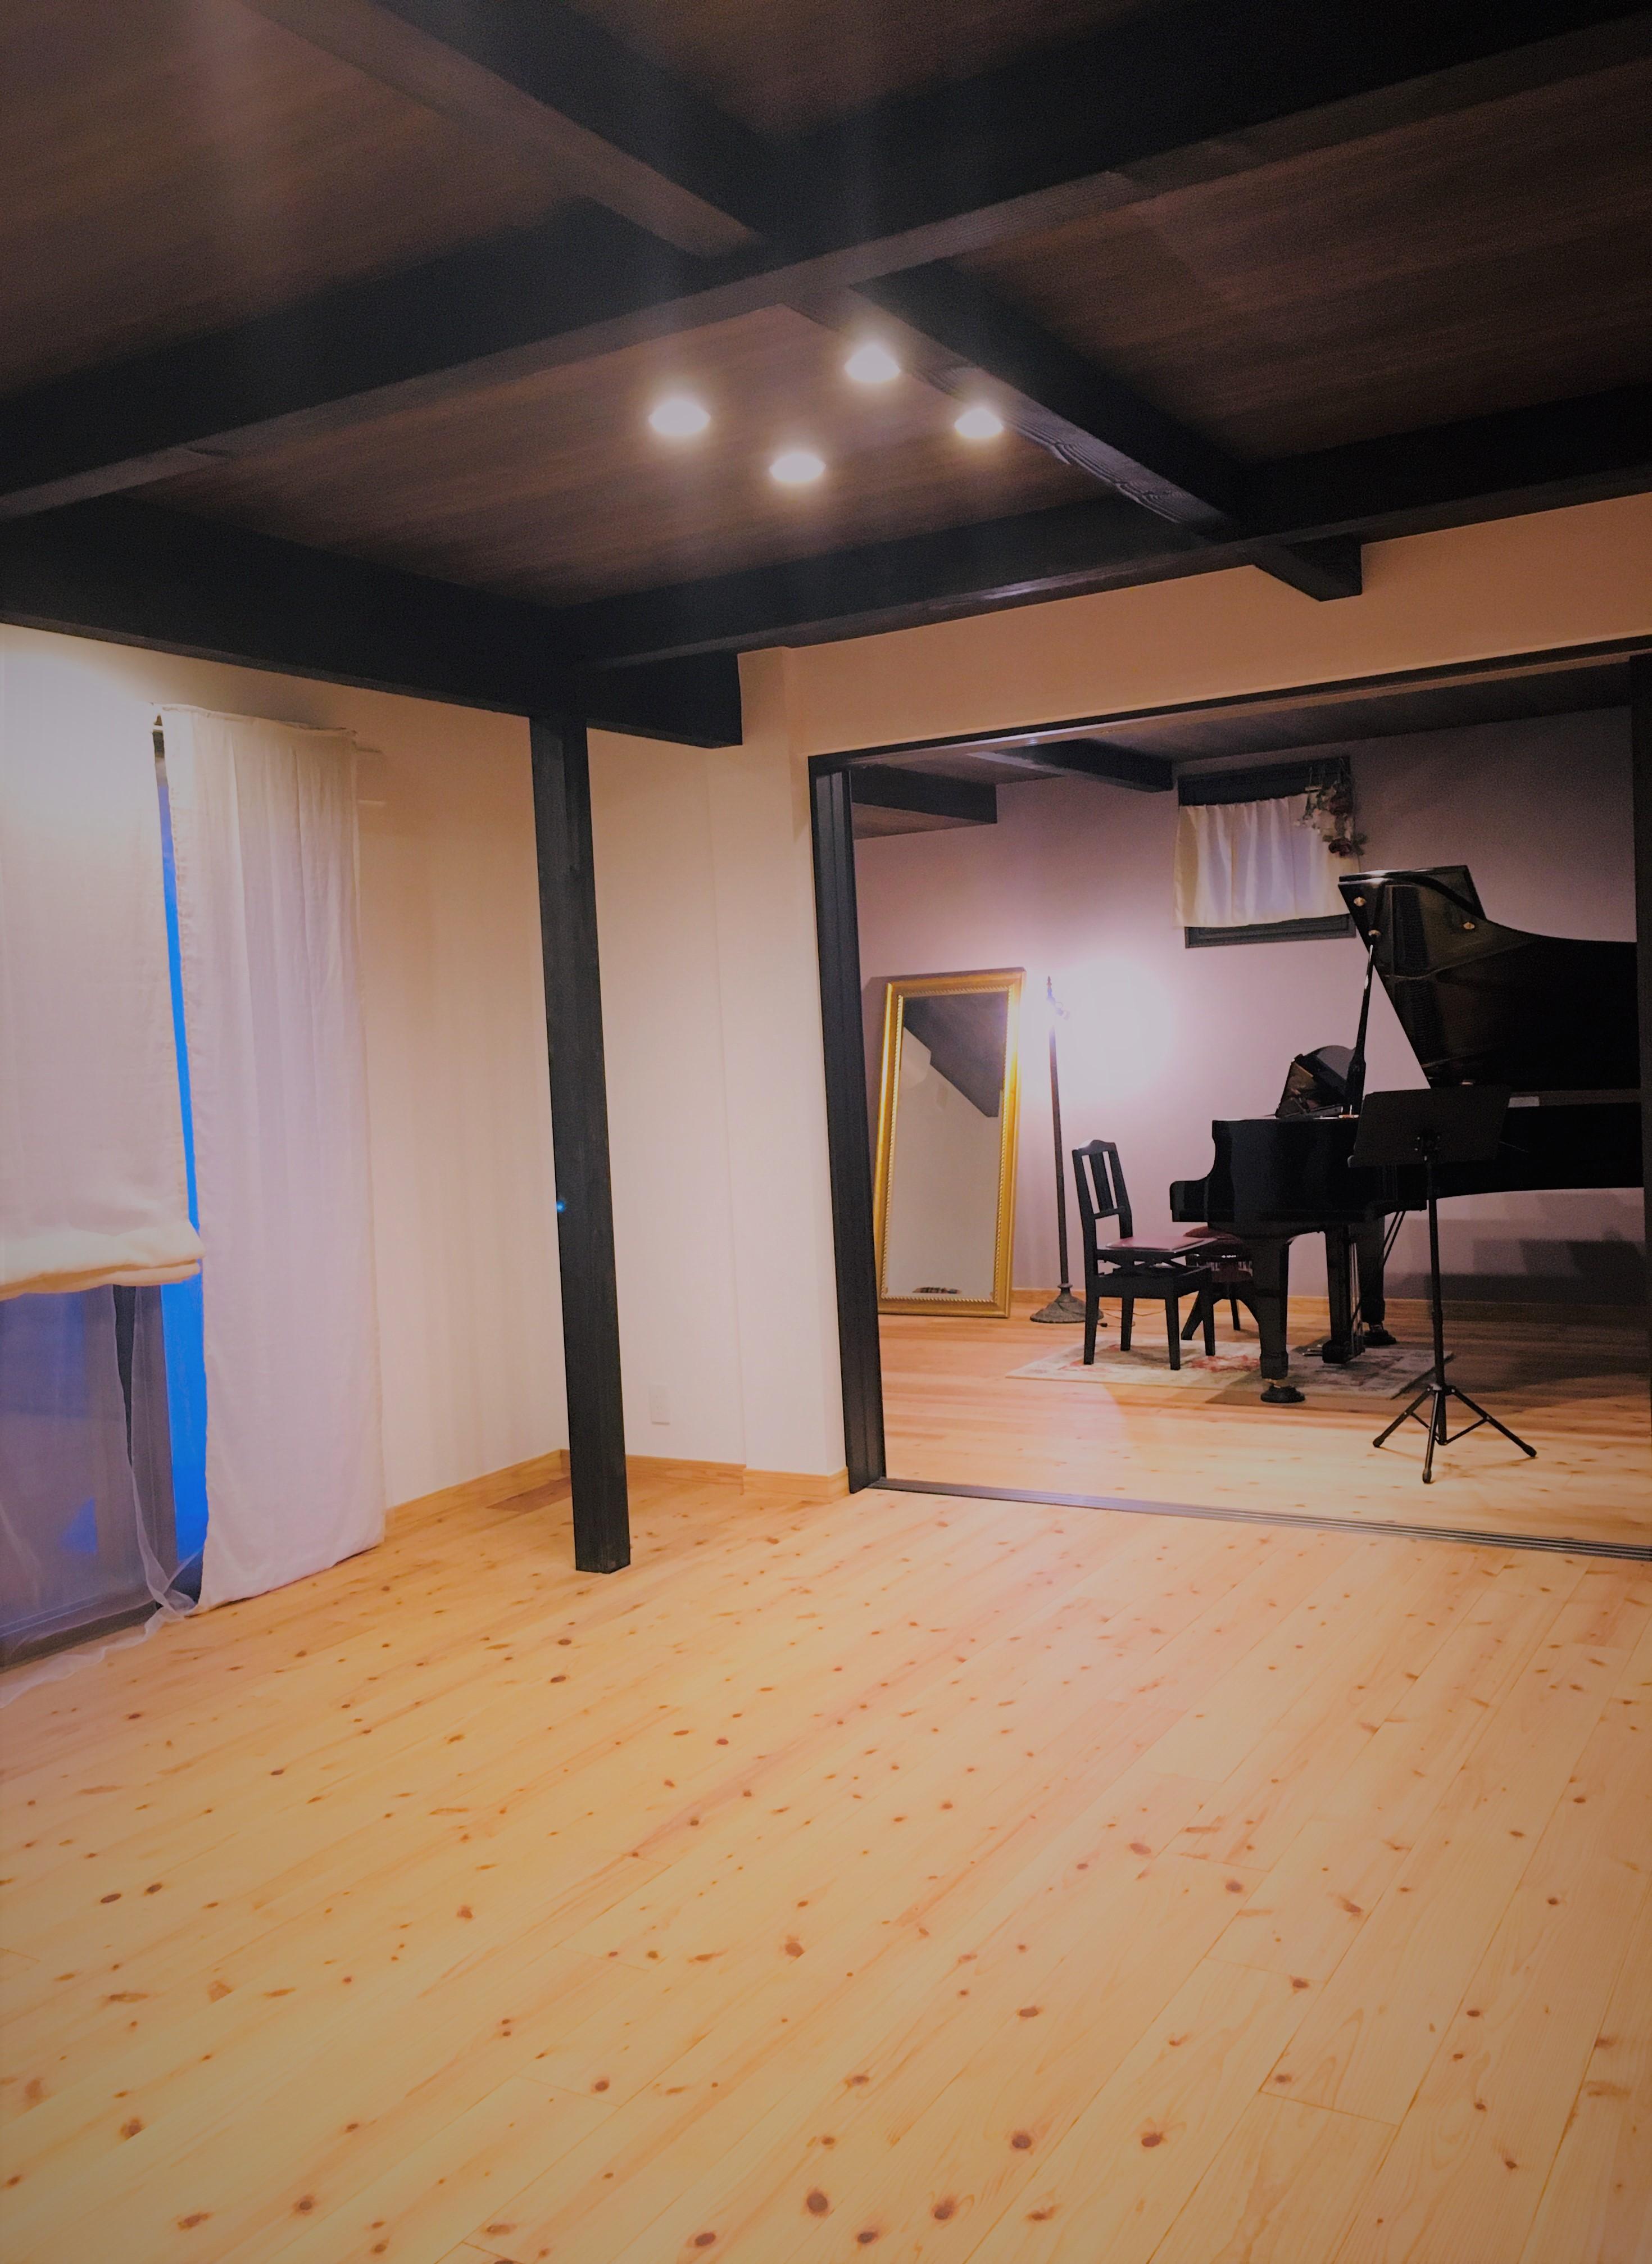 サロンとピアノ室の仕切りを開けると29畳の防音室です。 - 小坪ピアノ室 ピアノ室・サロン(4名様まで)の室内の写真